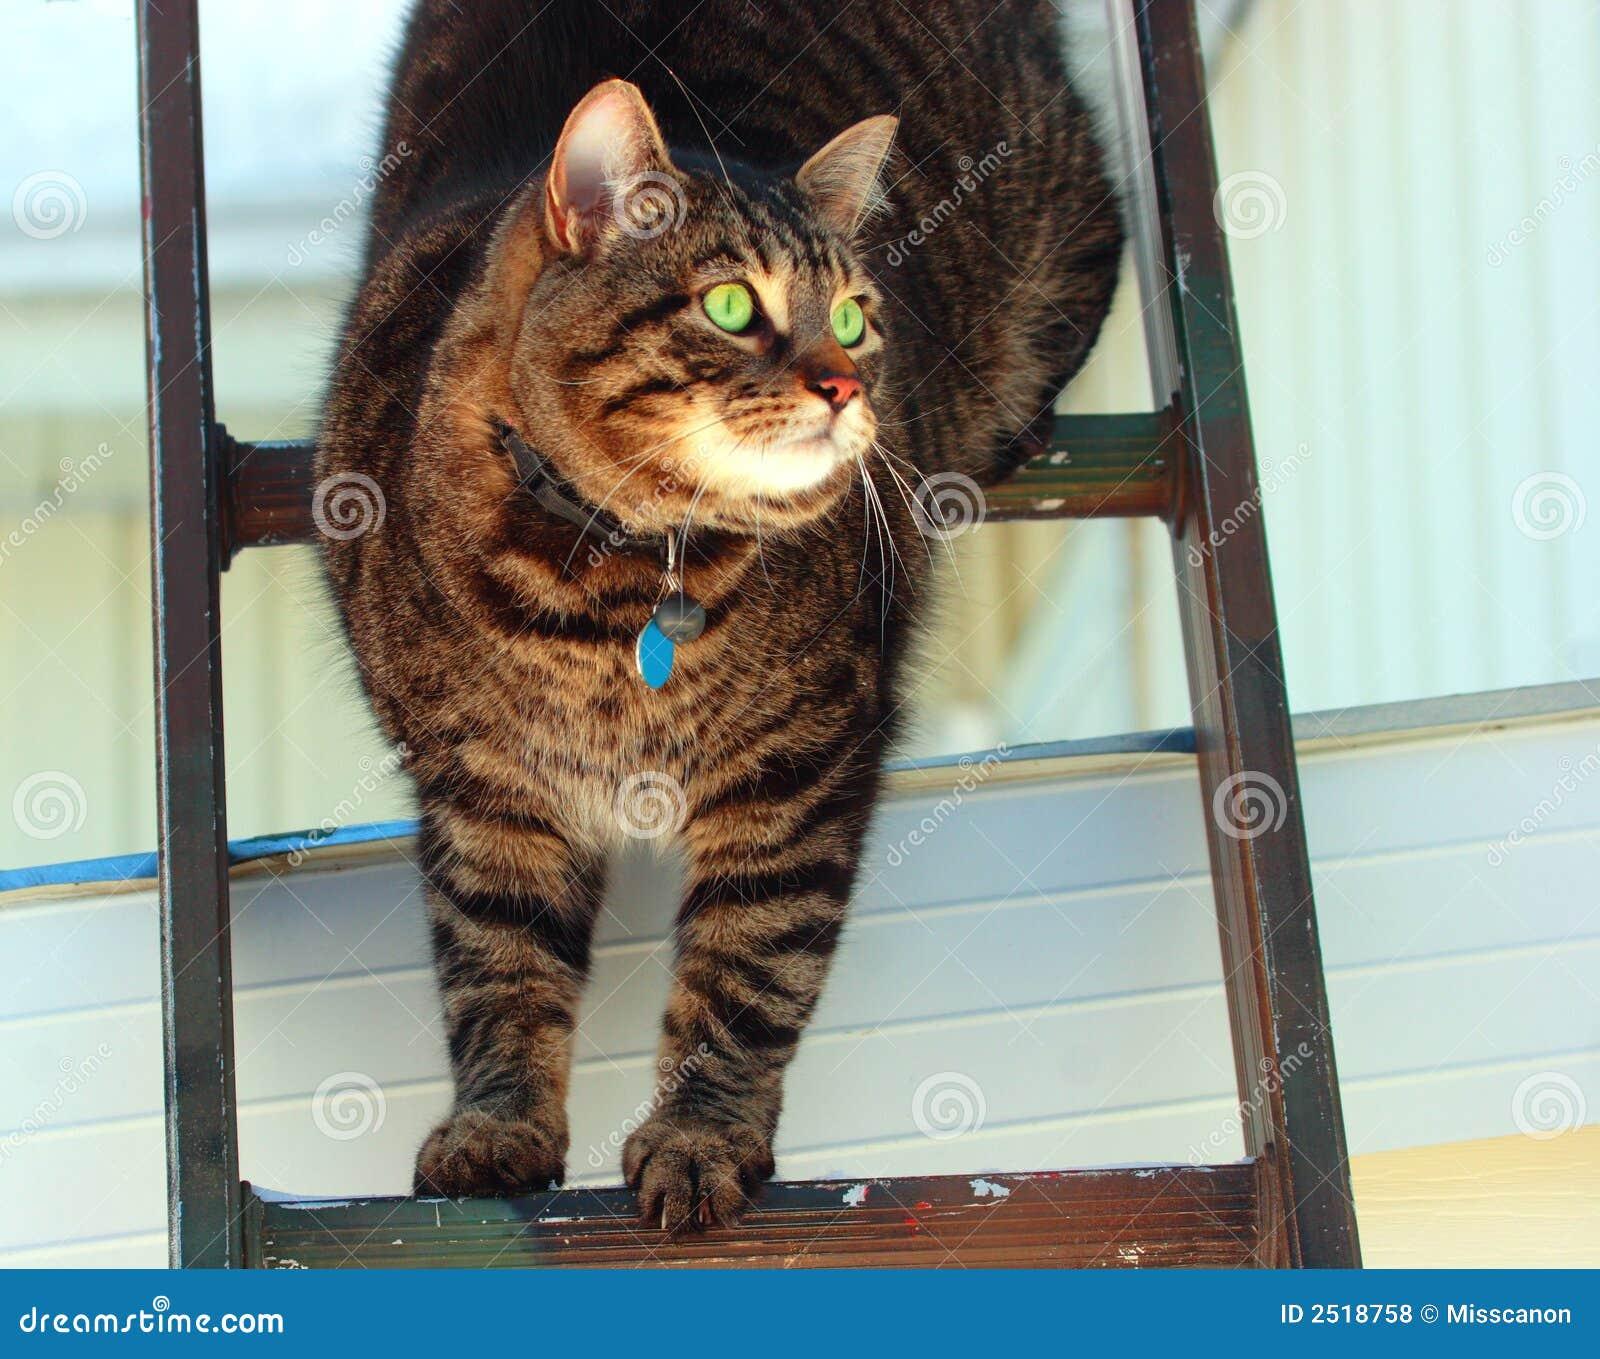 chat dans une chelle photos libres de droits image 2518758. Black Bedroom Furniture Sets. Home Design Ideas